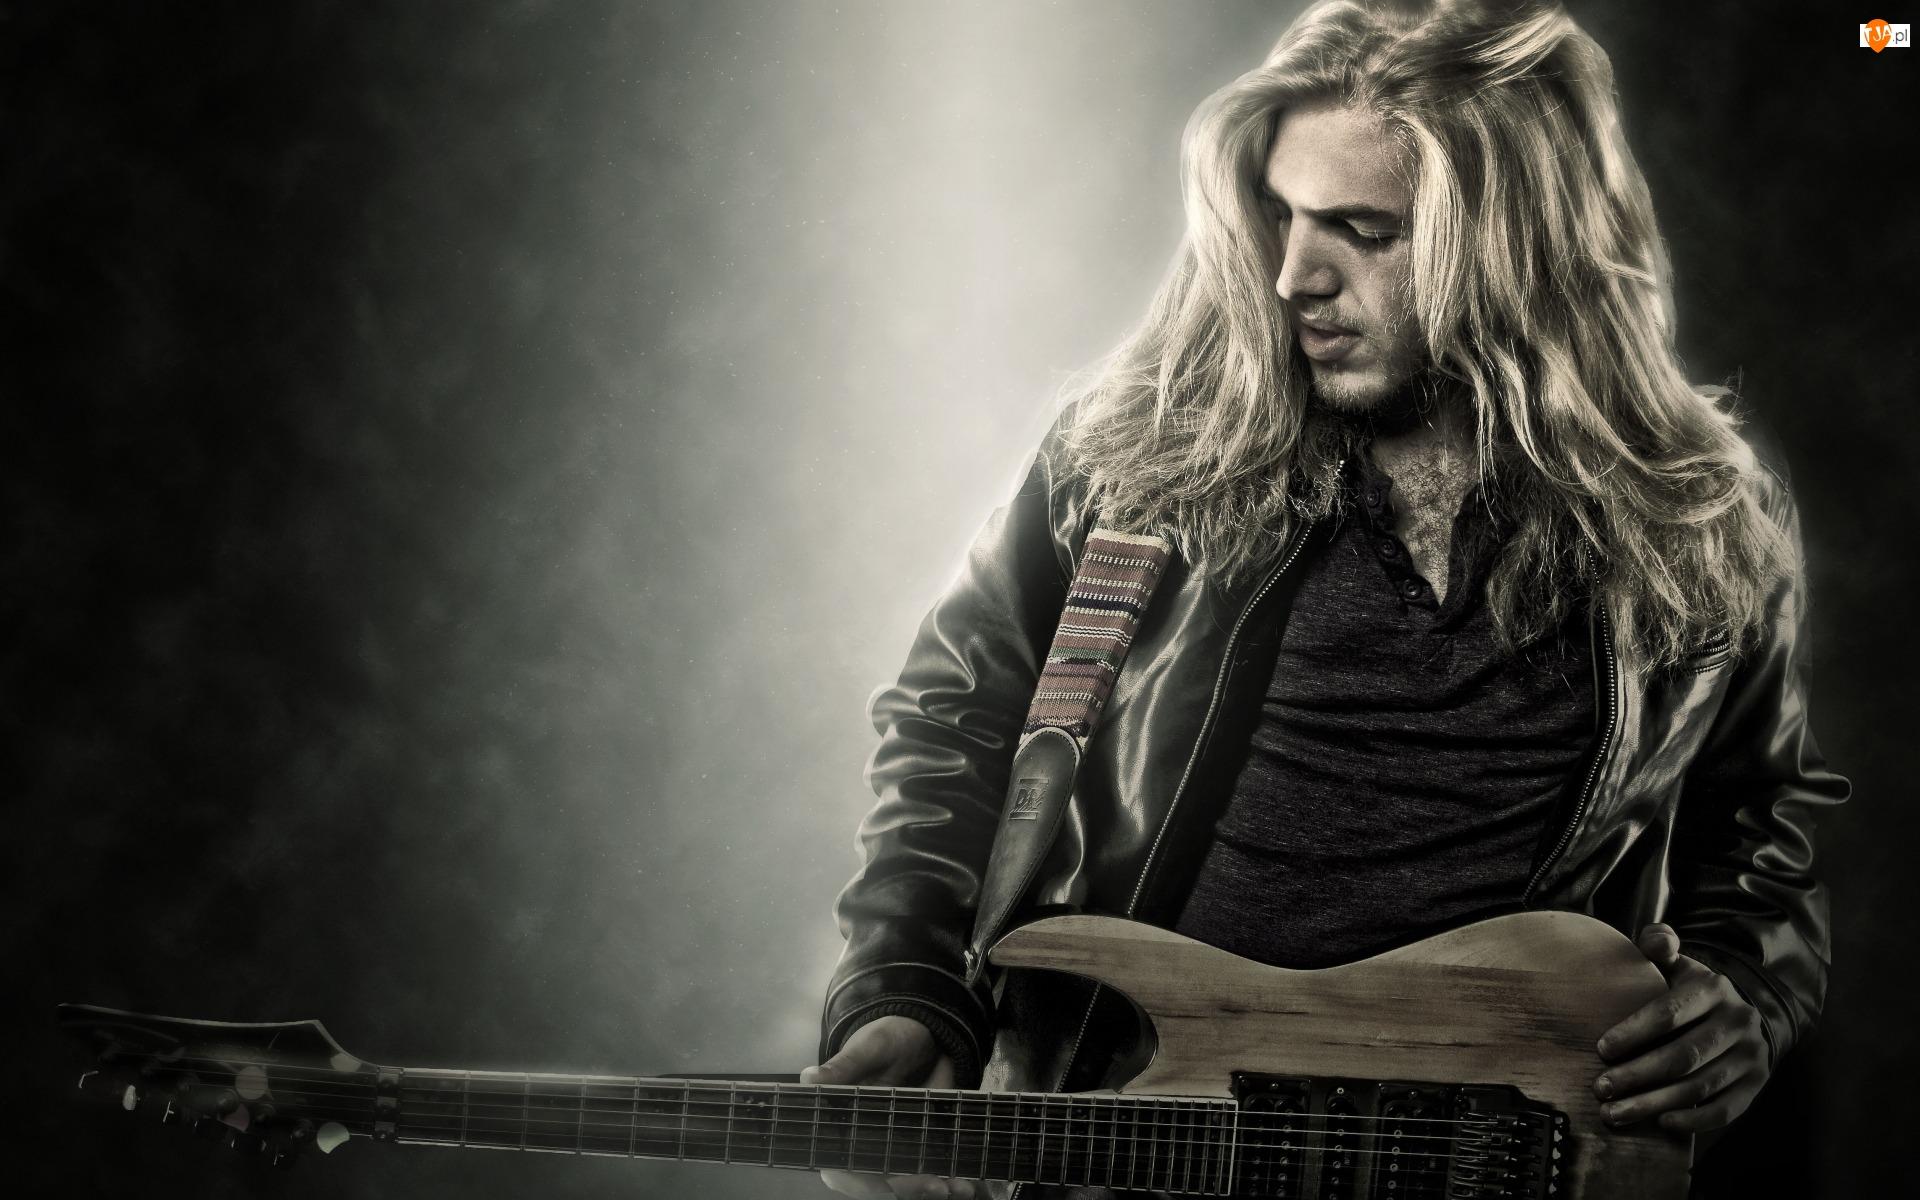 Długie, Muzyk, Włosy, Gitara